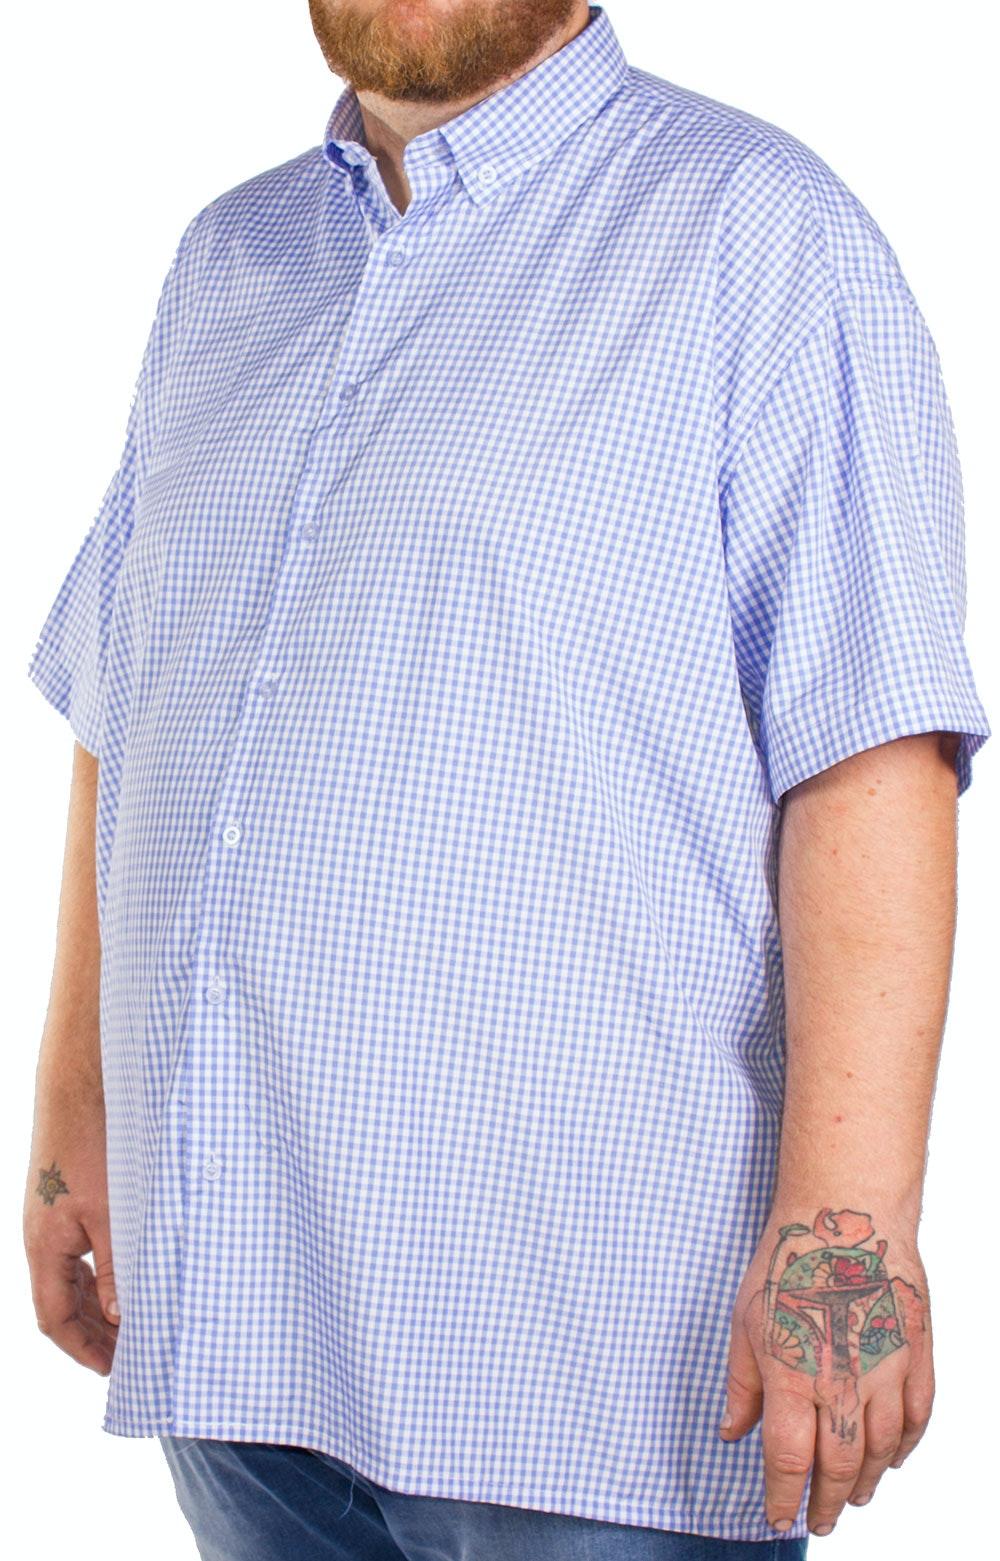 Fitzgerald Blue Gingham Short Sleeve Shirt